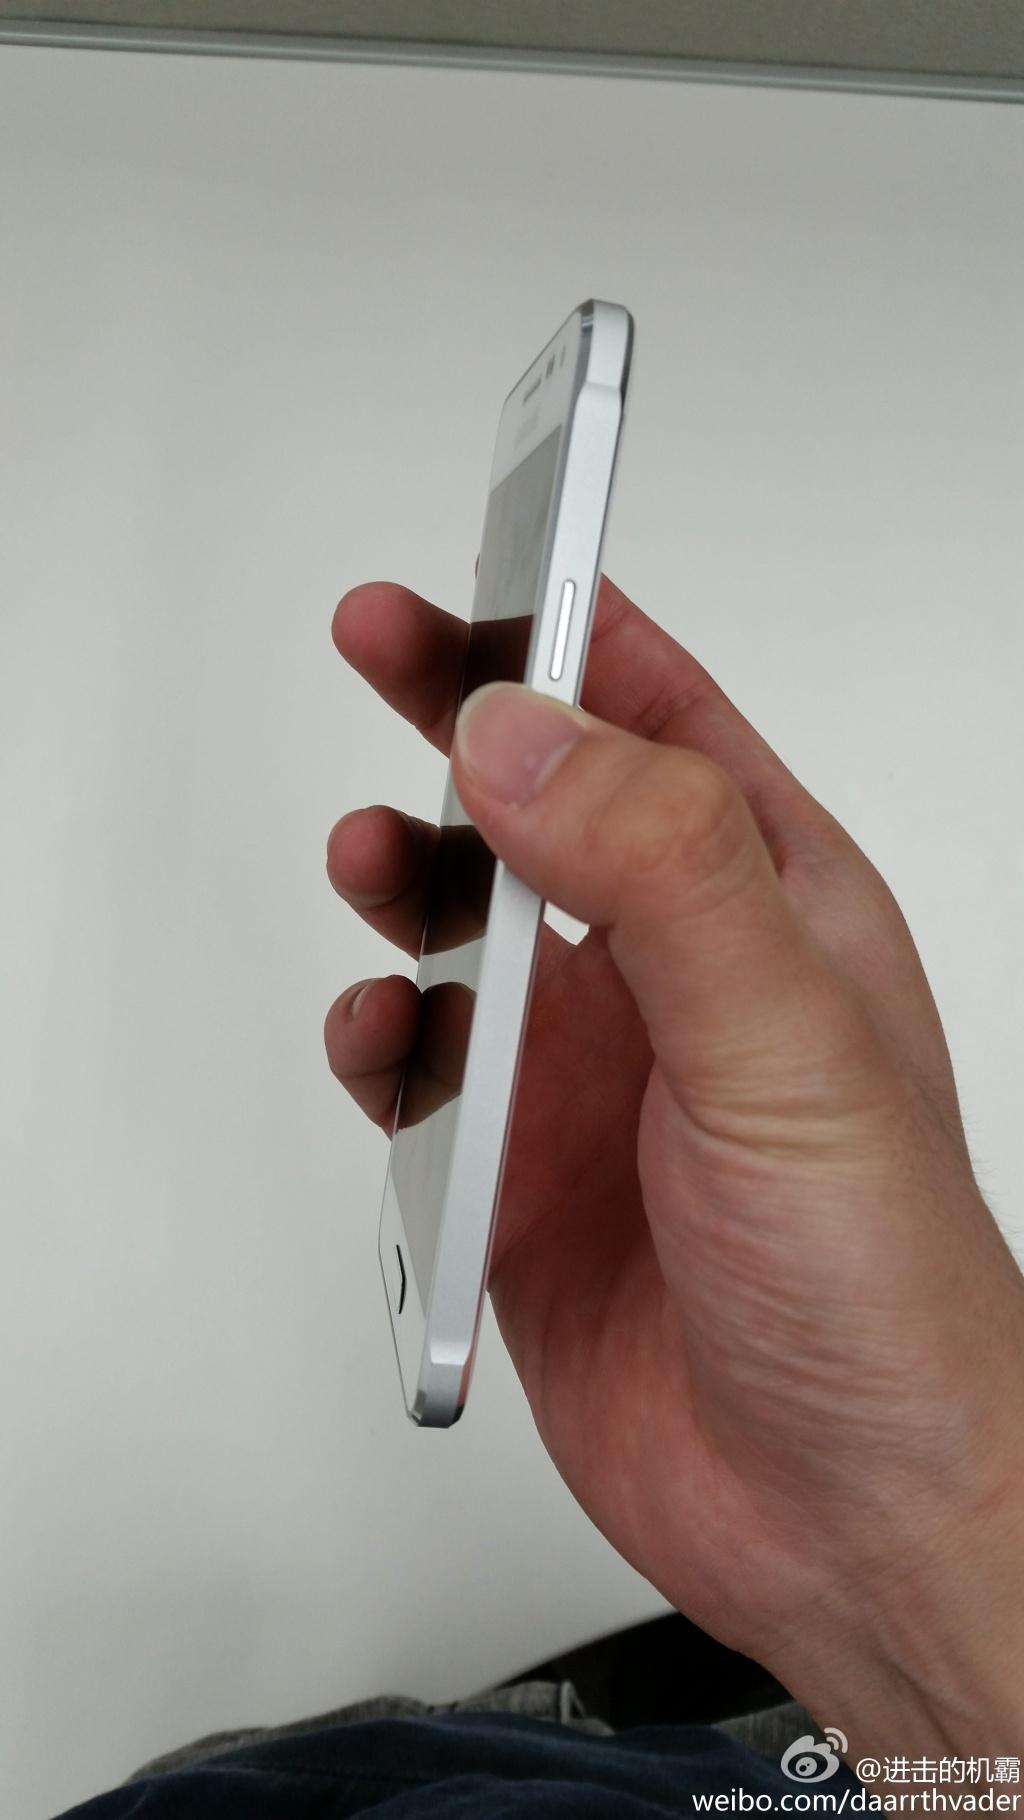 شاهد بالصور : أول هاتف معدني من شركة سامسونج الكورية